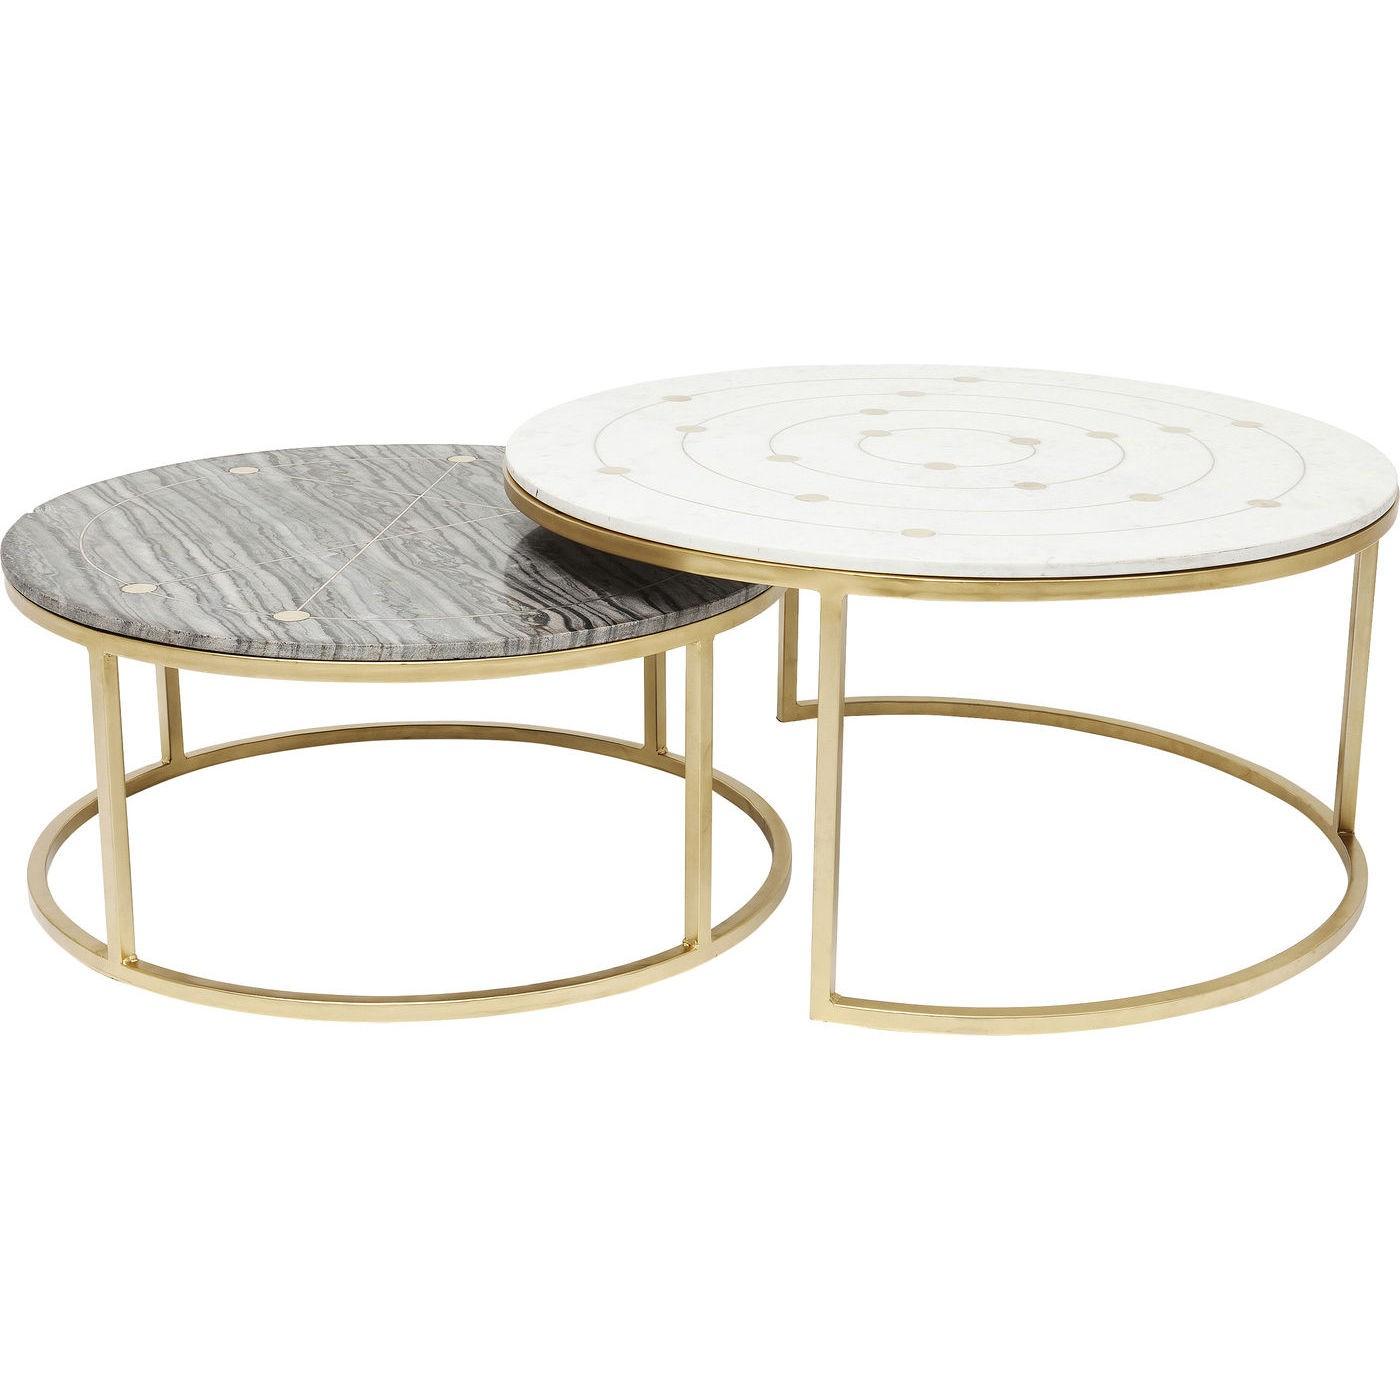 2 tables basses gigognes en marbre et acier doré